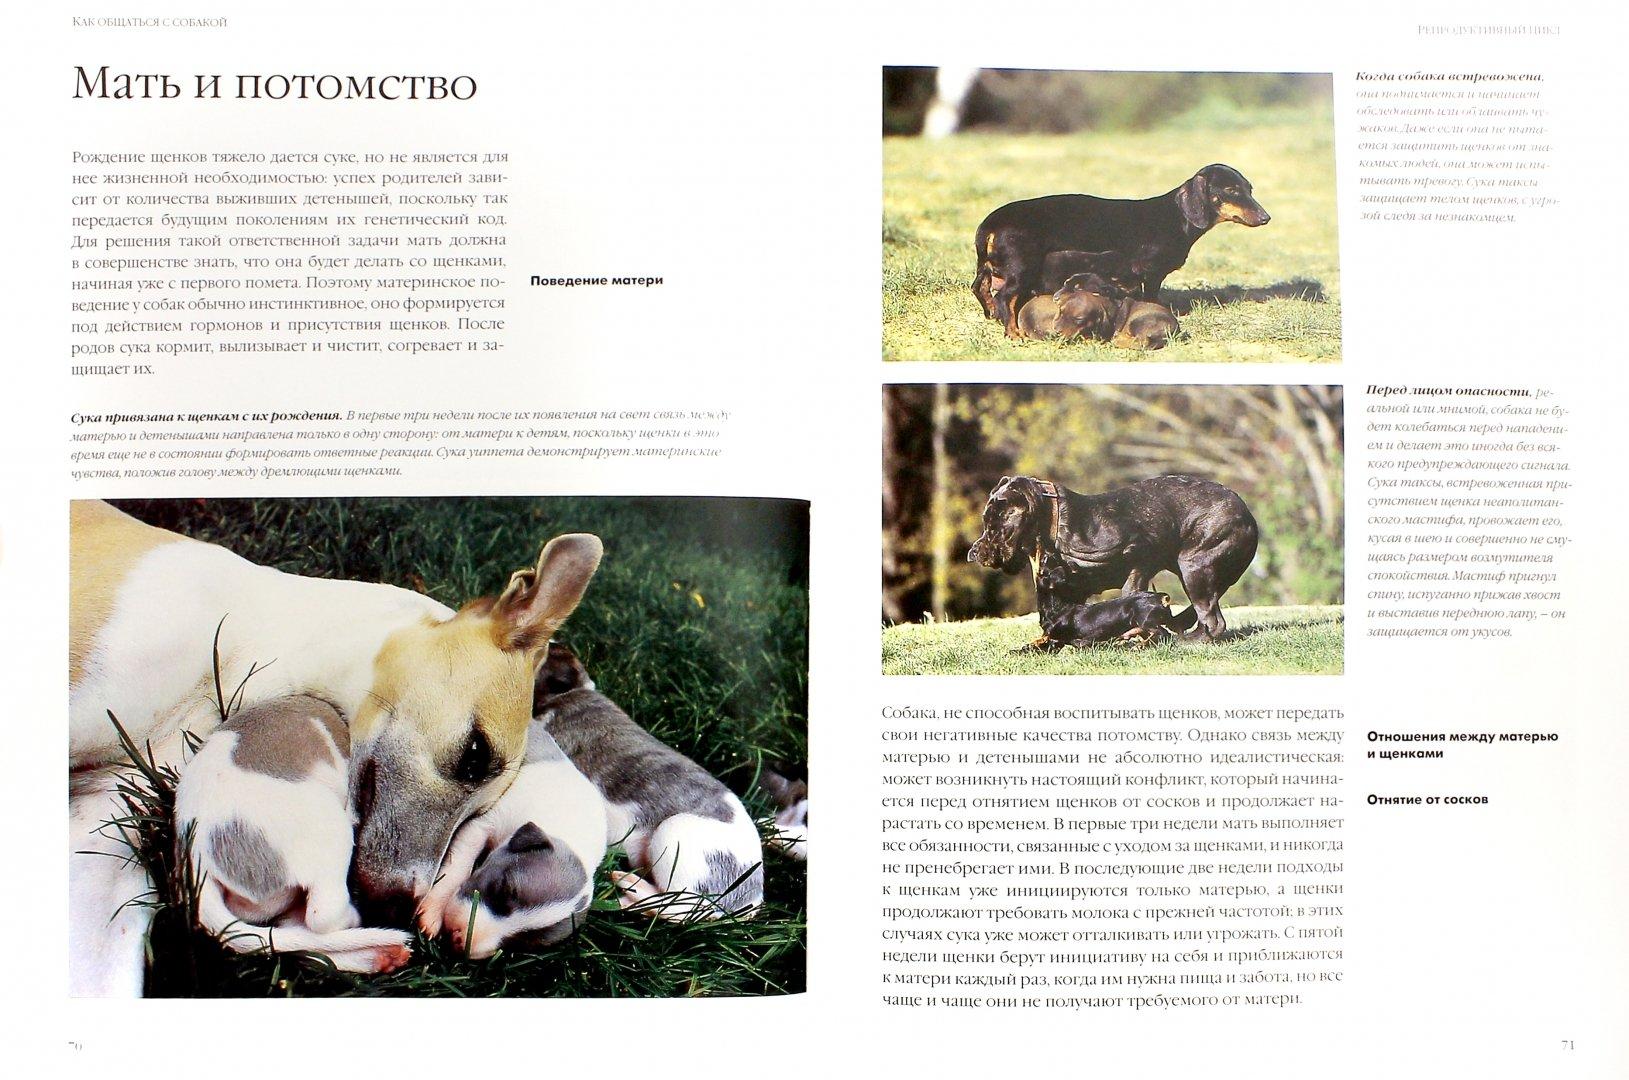 Иллюстрация 1 из 19 для Как общаться с собакой. Практическое руководство - Капра, Роботти | Лабиринт - книги. Источник: Лабиринт